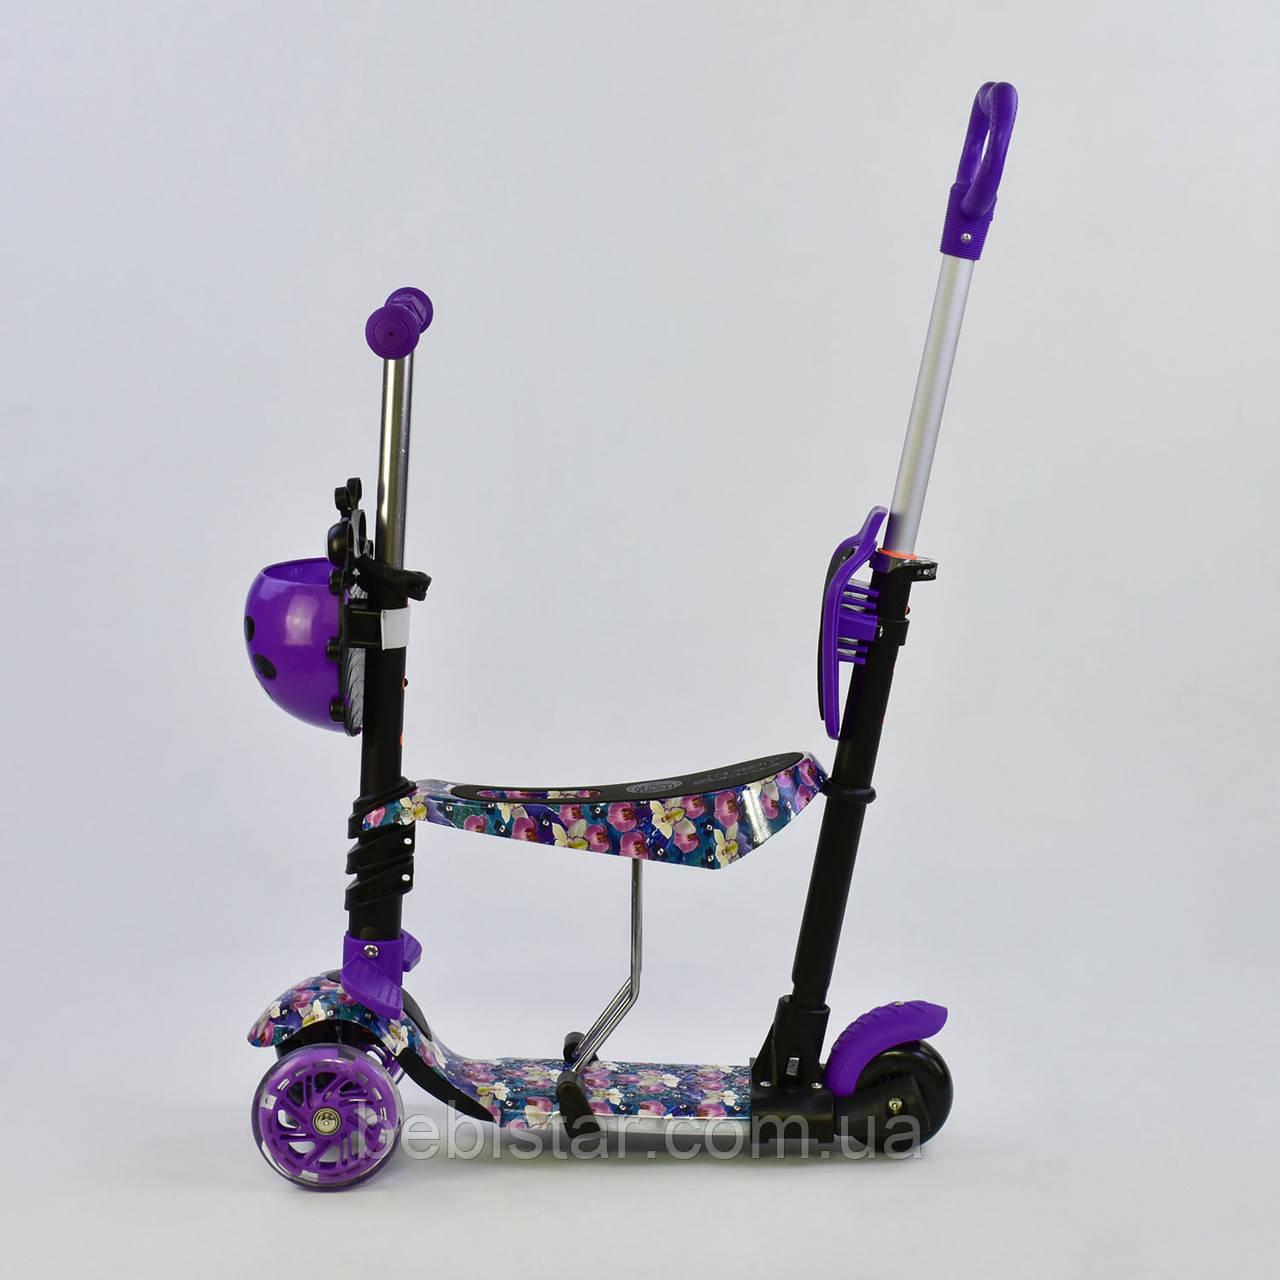 Самокат беговел коляска абстракция с ручкой подсветкой платформы и светящимися колесами малышам от 1 года